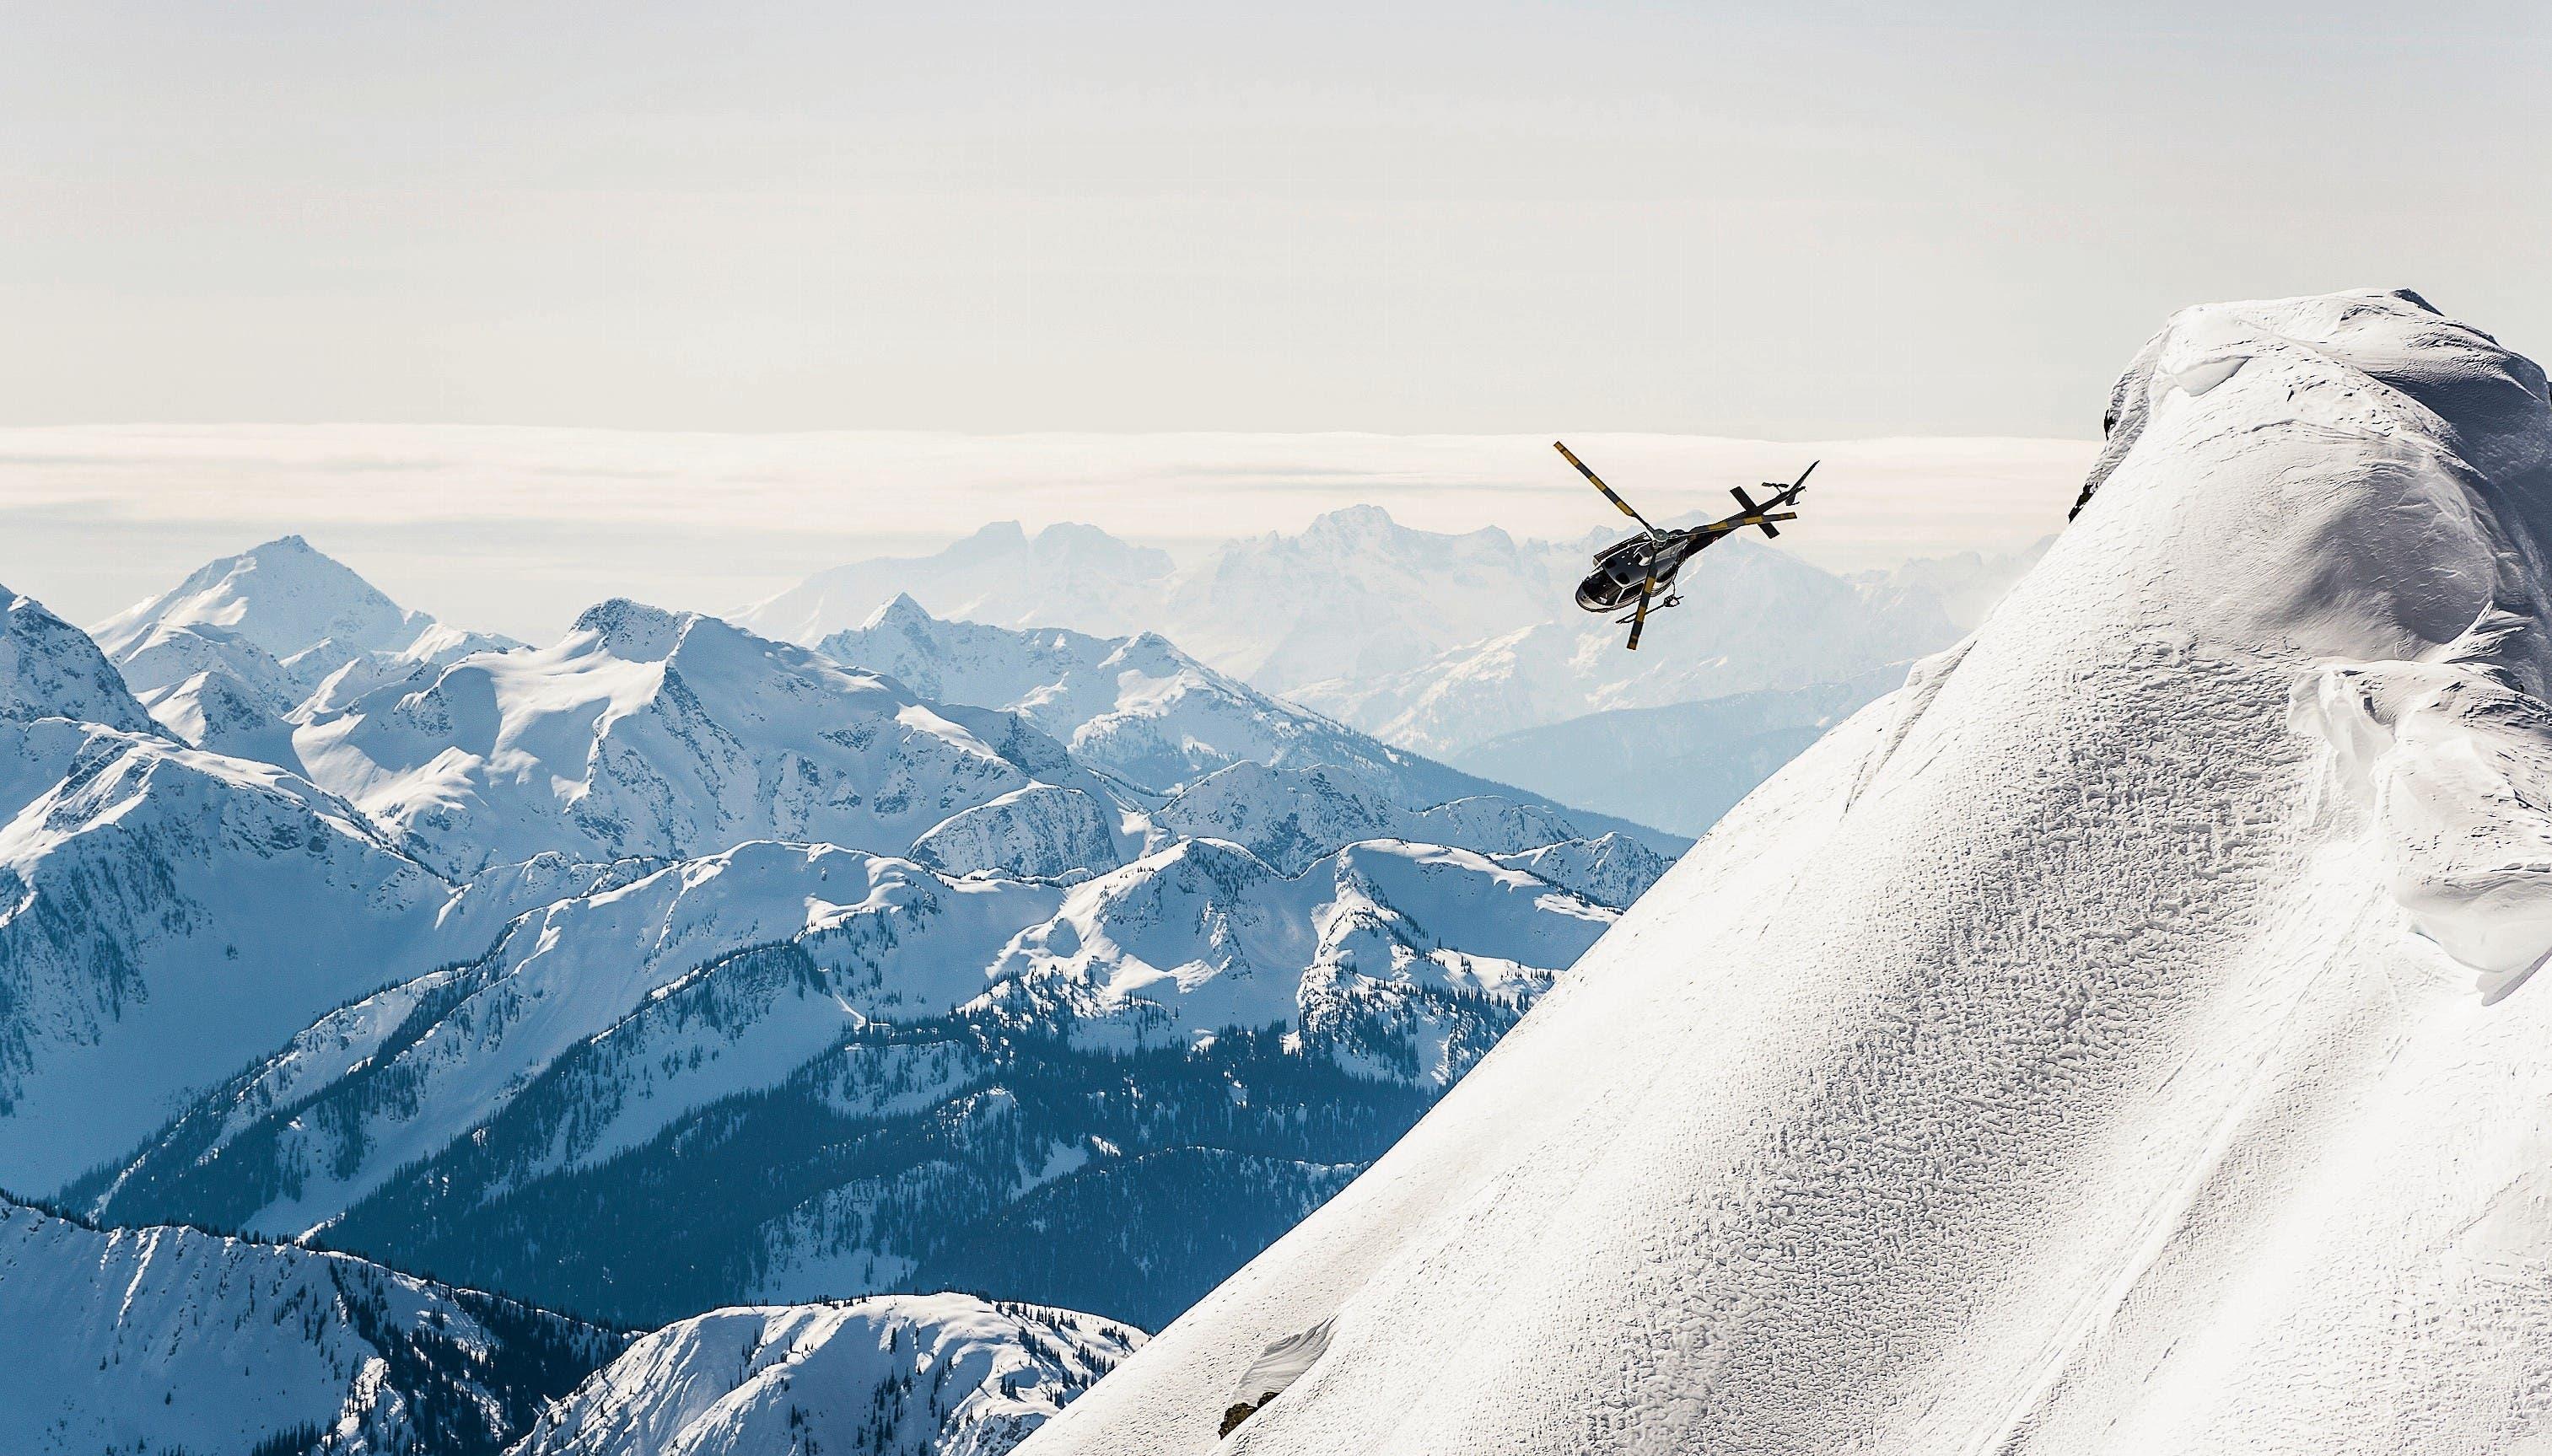 Mitten in den verschneiten Rocky Mountains: Helikopter beim Anflug auf eine Bergspitze im rund 2000 Quadratkilometer grossen Ski-Areal von Revelstoke. (Bild: Alain Sleigher/Selkirk Tangiers)